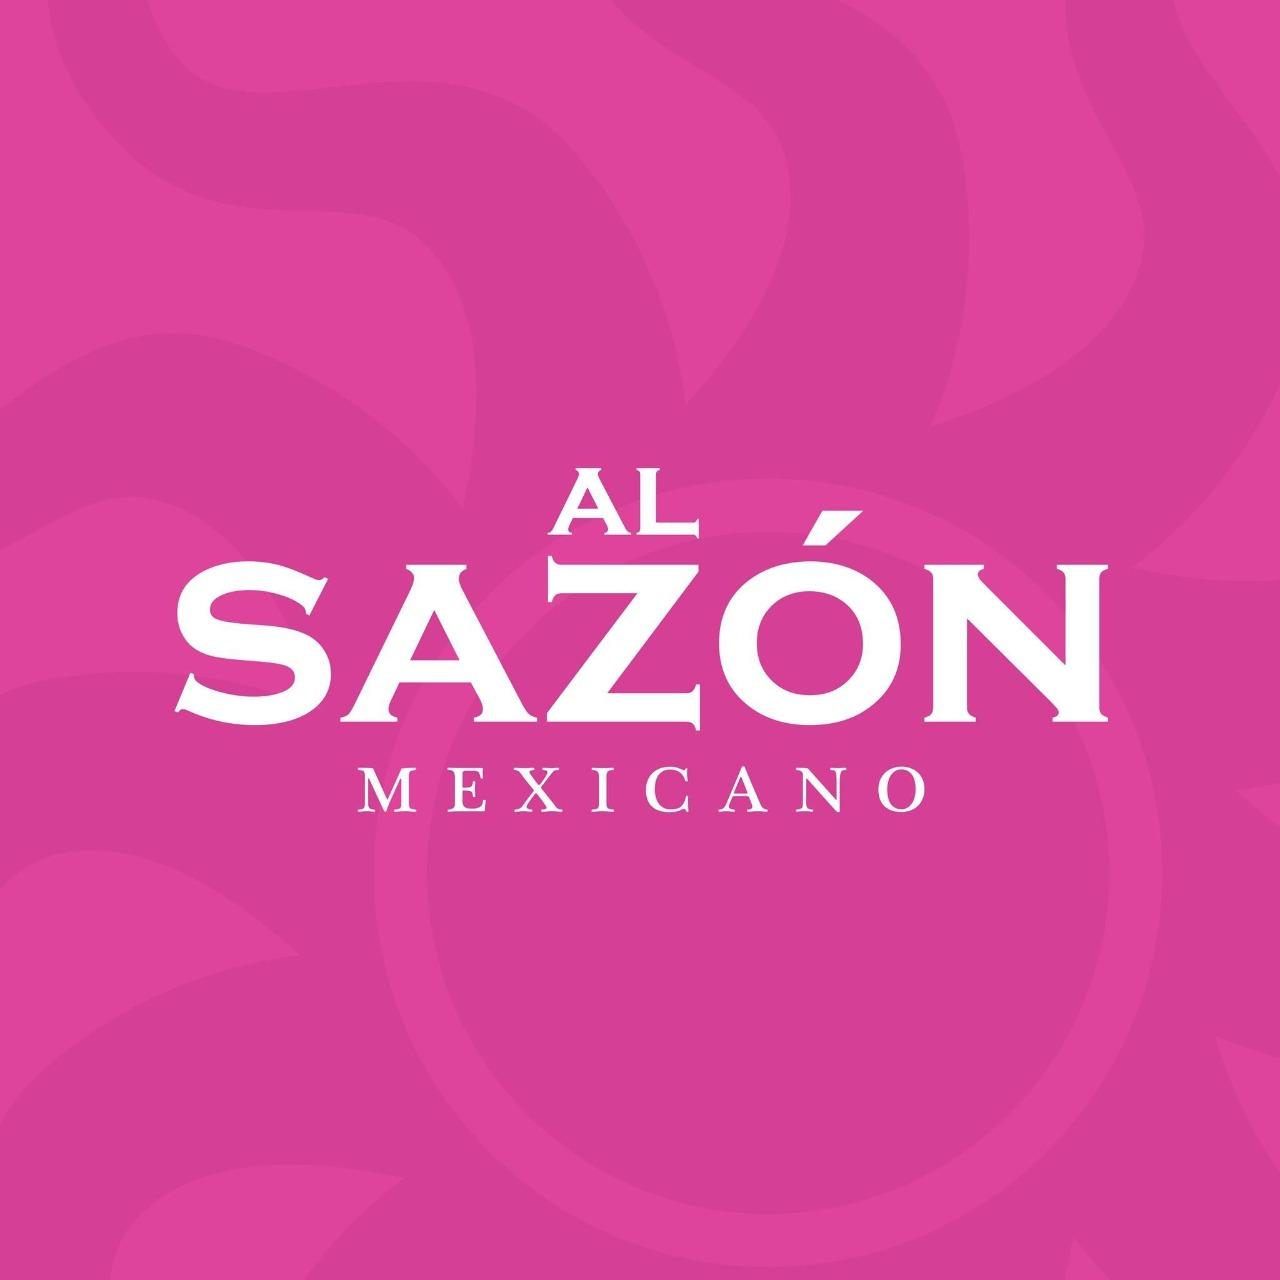 Al SAZÓN